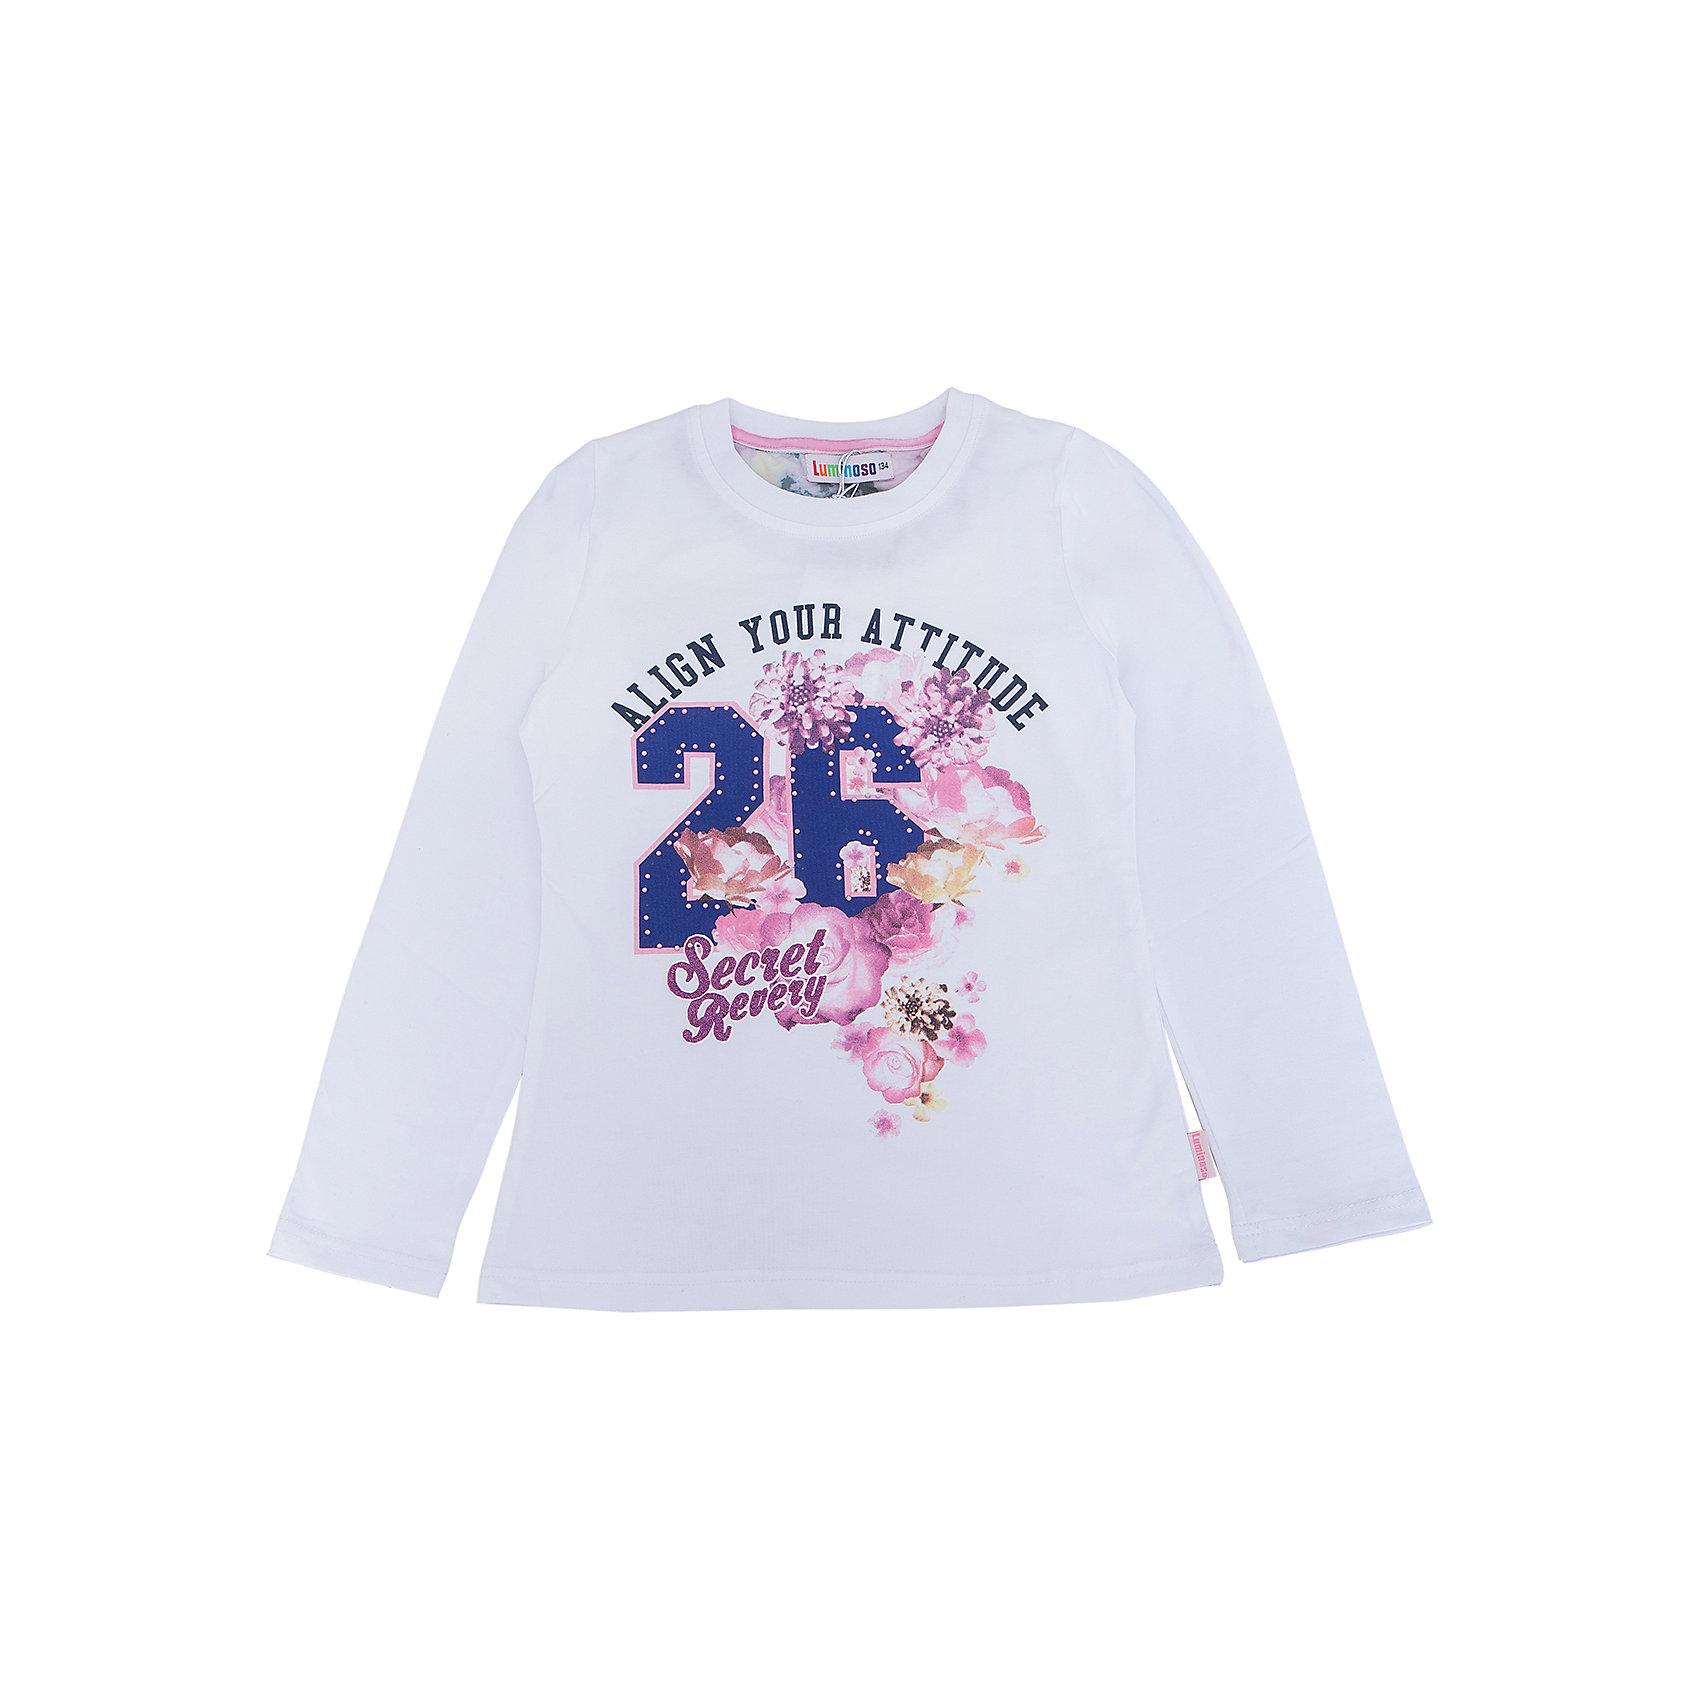 Футболка с длинным рукавом для девочки LuminosoФутболки с длинным рукавом<br>Характеристики товара:<br><br>- цвет: белый;<br>- материал: 95% хлопок, 5% эластан;<br>- декорирована принтом;<br>- длинный рукав;<br>- округлый горловой вырез.<br><br>Стильная одежда от бренда Luminoso (Люминосо), созданная при участии итальянских дизайнеров, учитывает потребности подростков и последние веяния моды. Она удобная и модная.<br>Эта футболка с длинным рукавом выглядит стильно и нарядно, но при этом подходит для ежедневного ношения. Он хорошо сидит на ребенке, обеспечивает комфорт и отлично сочетается с одежной разных стилей. Модель отличается высоким качеством материала и продуманным дизайном. Натуральный хлопок в составе изделия делает его дышащим, приятным на ощупь и гипоаллергеным.<br><br>Футболку с длинным рукавом для девочки от бренда Luminoso (Люминосо) можно купить в нашем интернет-магазине.<br><br>Ширина мм: 230<br>Глубина мм: 40<br>Высота мм: 220<br>Вес г: 250<br>Цвет: белый<br>Возраст от месяцев: 156<br>Возраст до месяцев: 168<br>Пол: Женский<br>Возраст: Детский<br>Размер: 164,134,140,146,152,158<br>SKU: 4929584